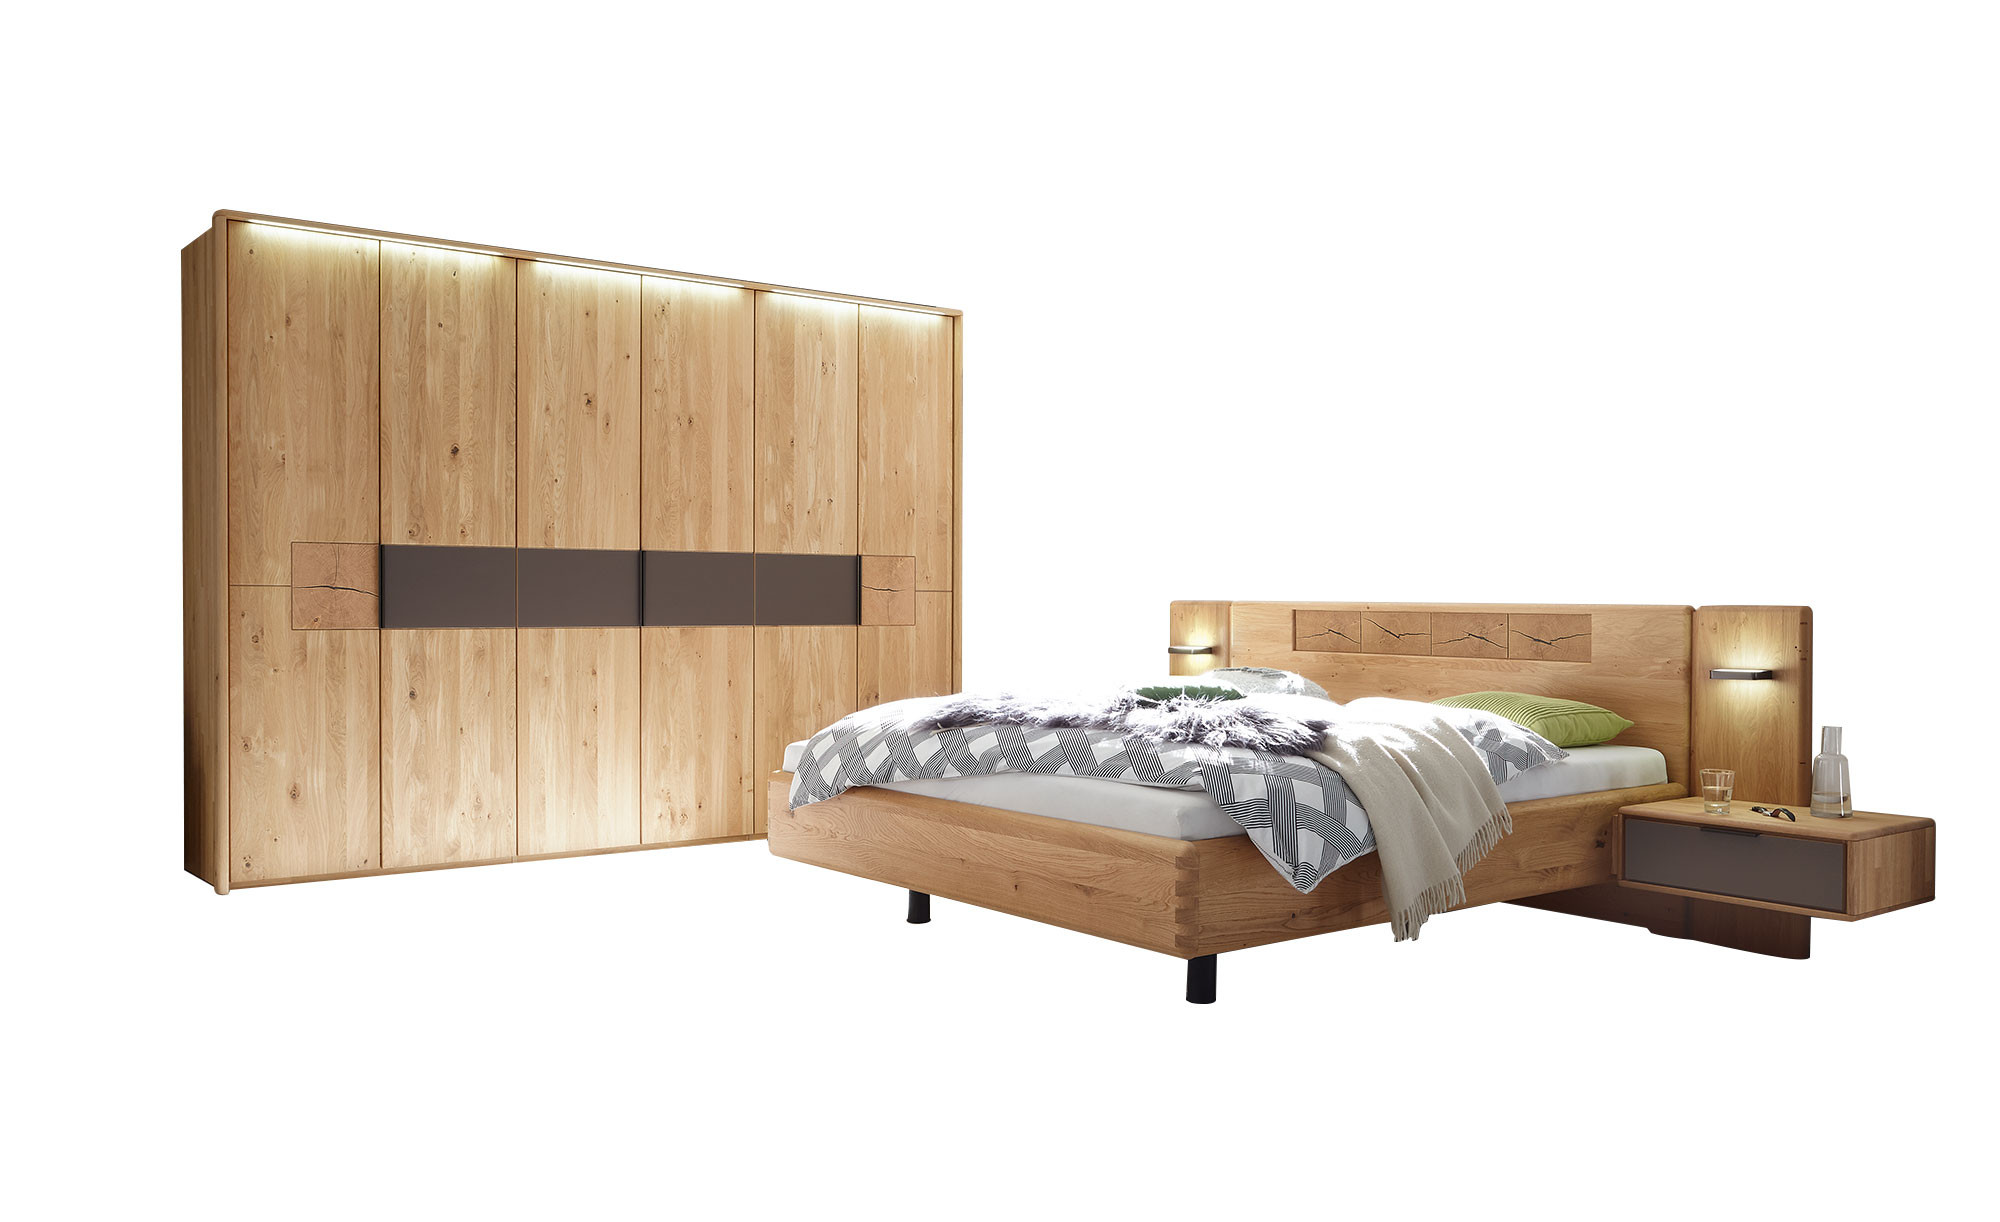 Schlafzimmer Bilbao Bei Mobel Heinrich Online Entdecken